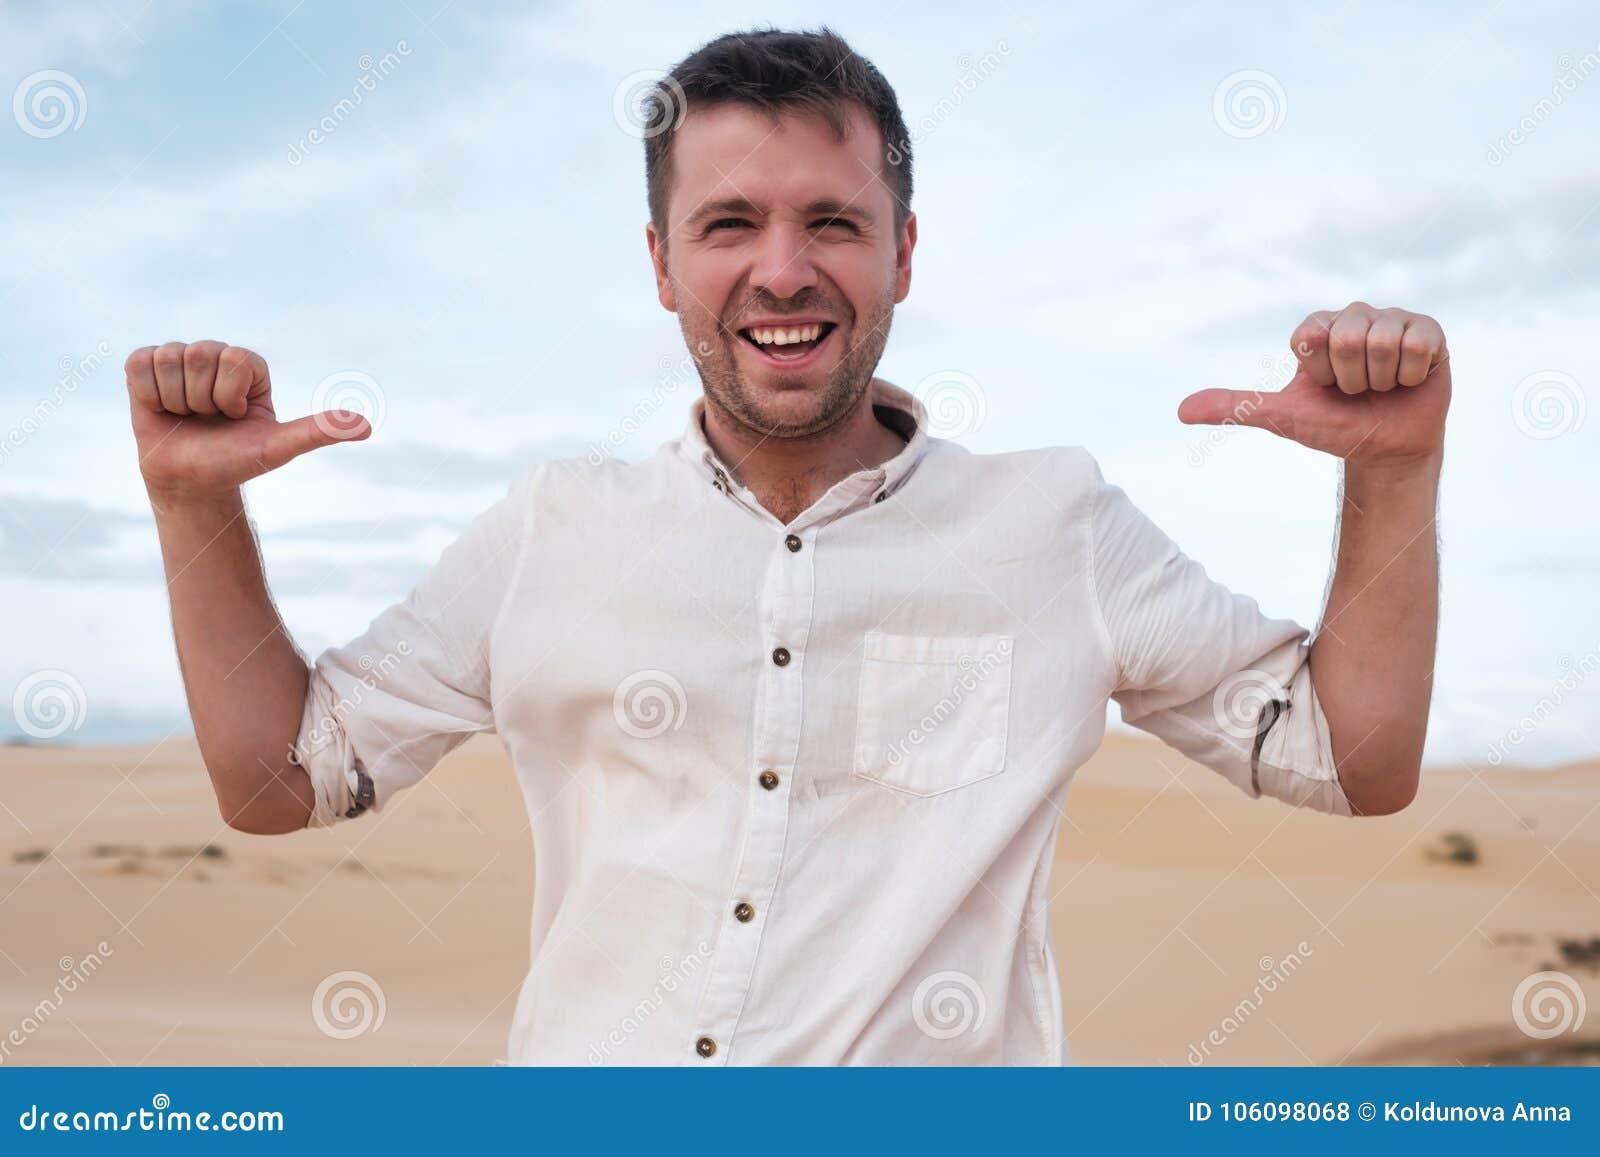 Ο μόνος-ικανοποιώντας και υπερήφανος καυκάσιος νεαρός άνδρας φαίνεται προς τα εμπρός παρουσιάζοντας με τους αντίχειρες σε τον